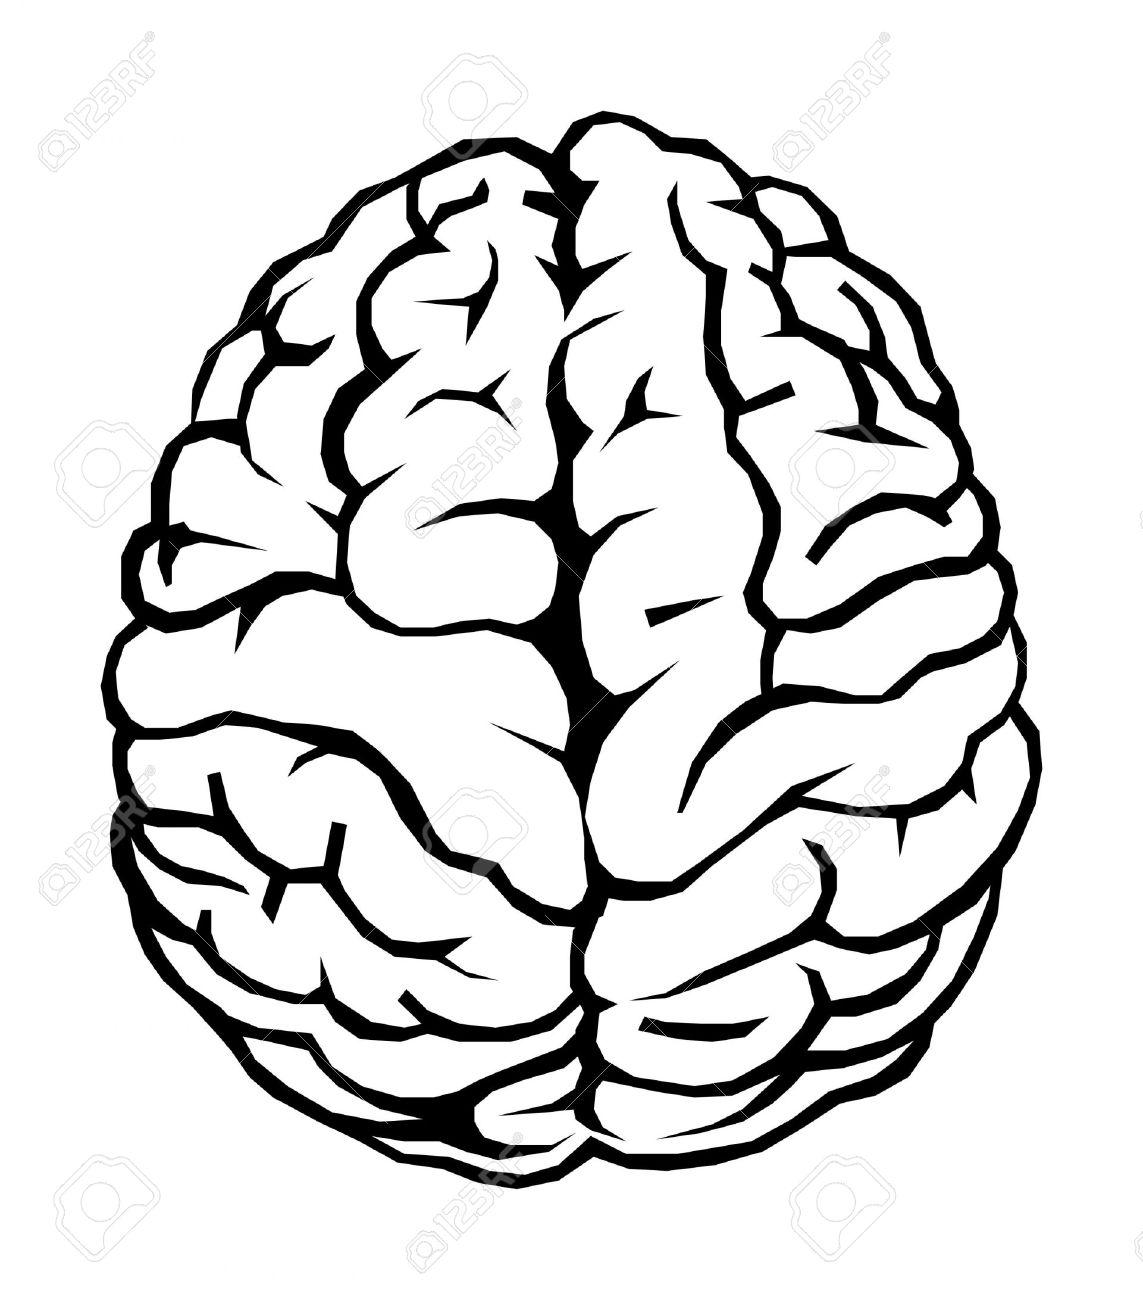 Brains clipart human brain #2